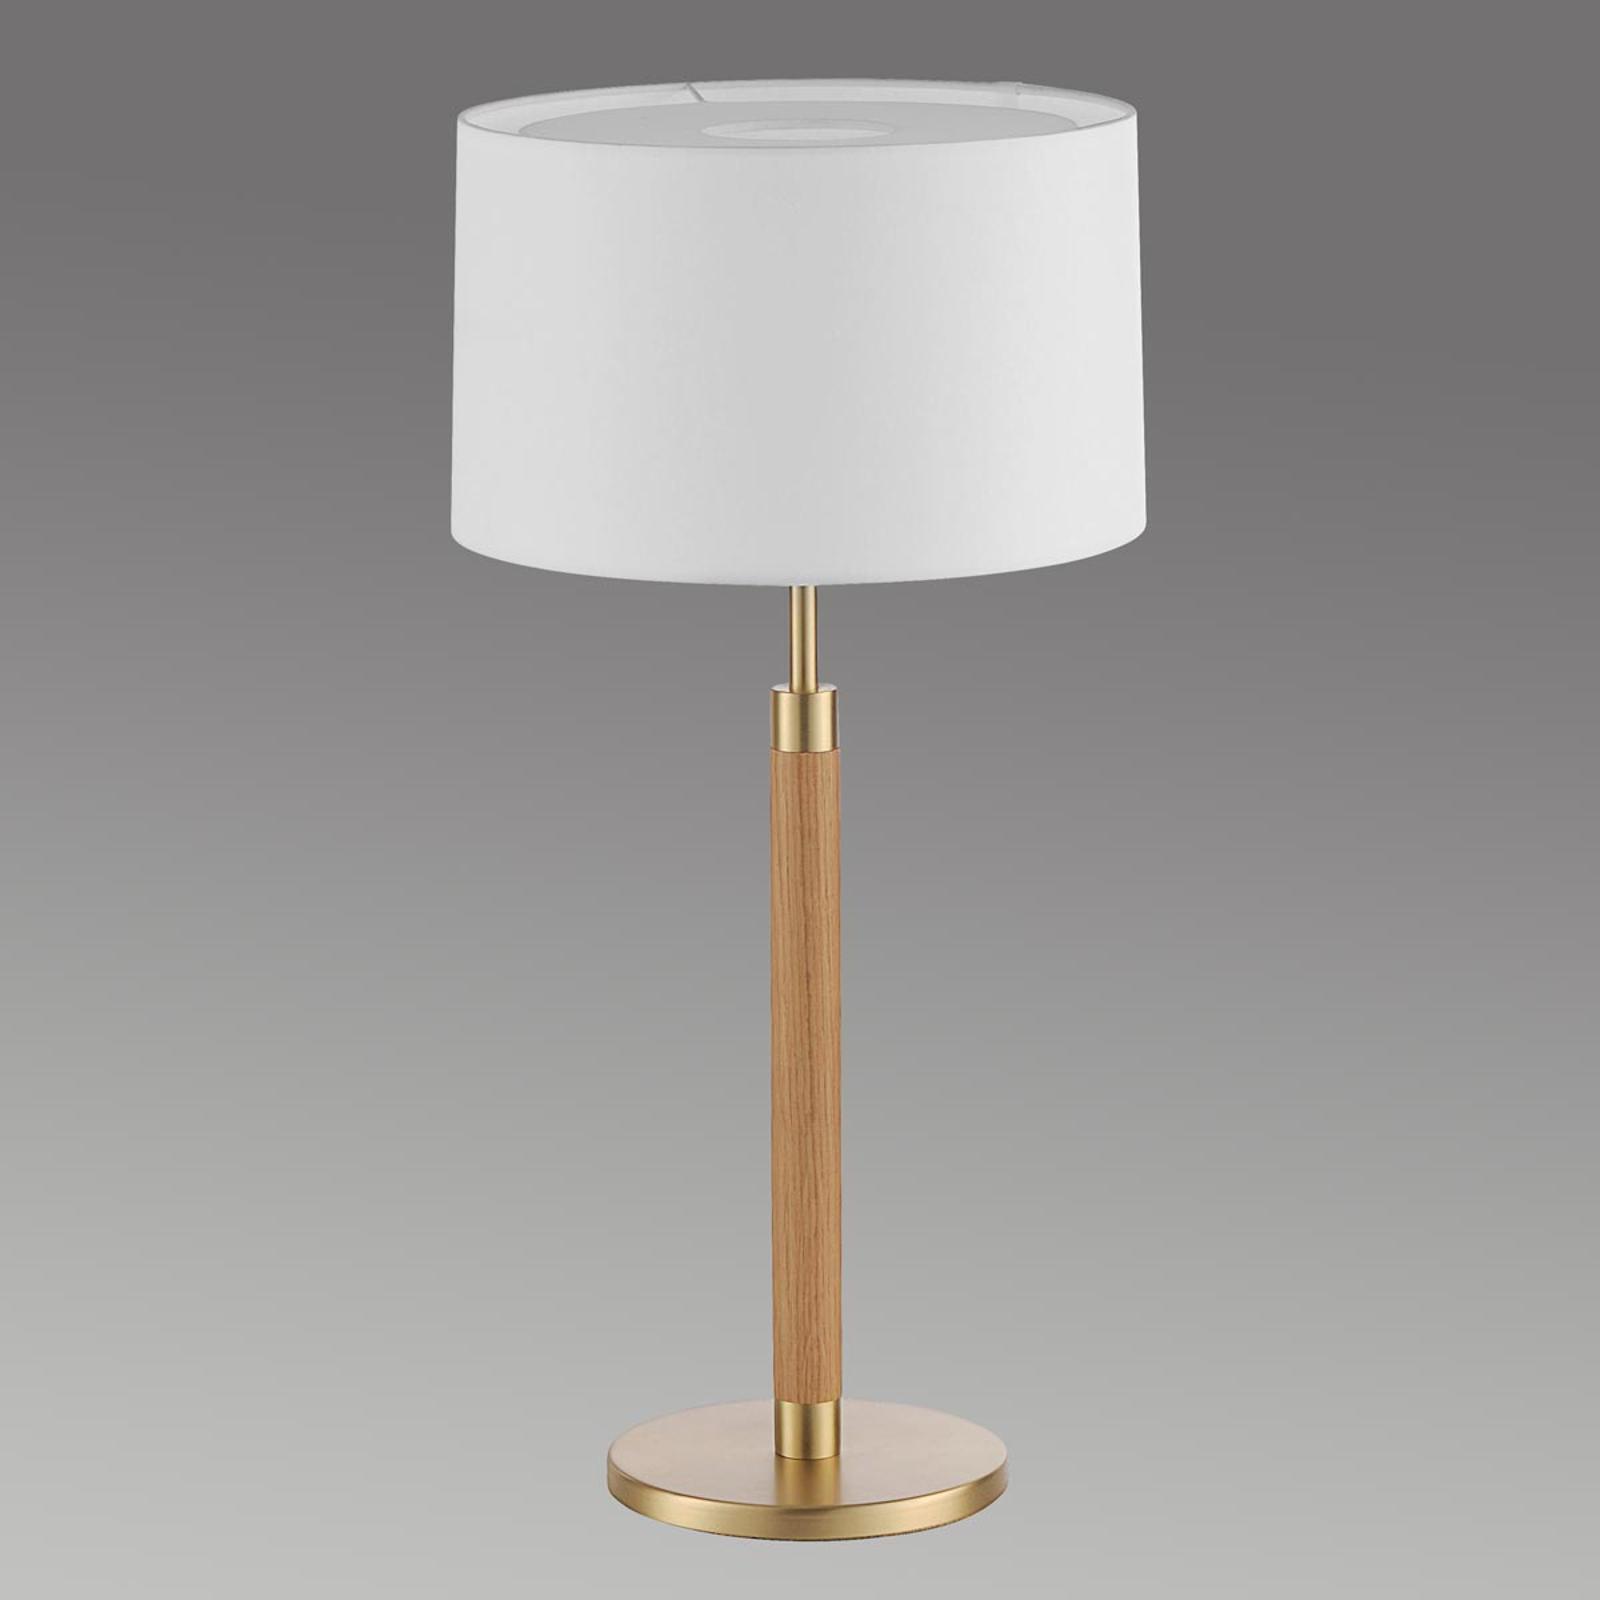 Houten tafellamp Lignum met sits-kap, messing